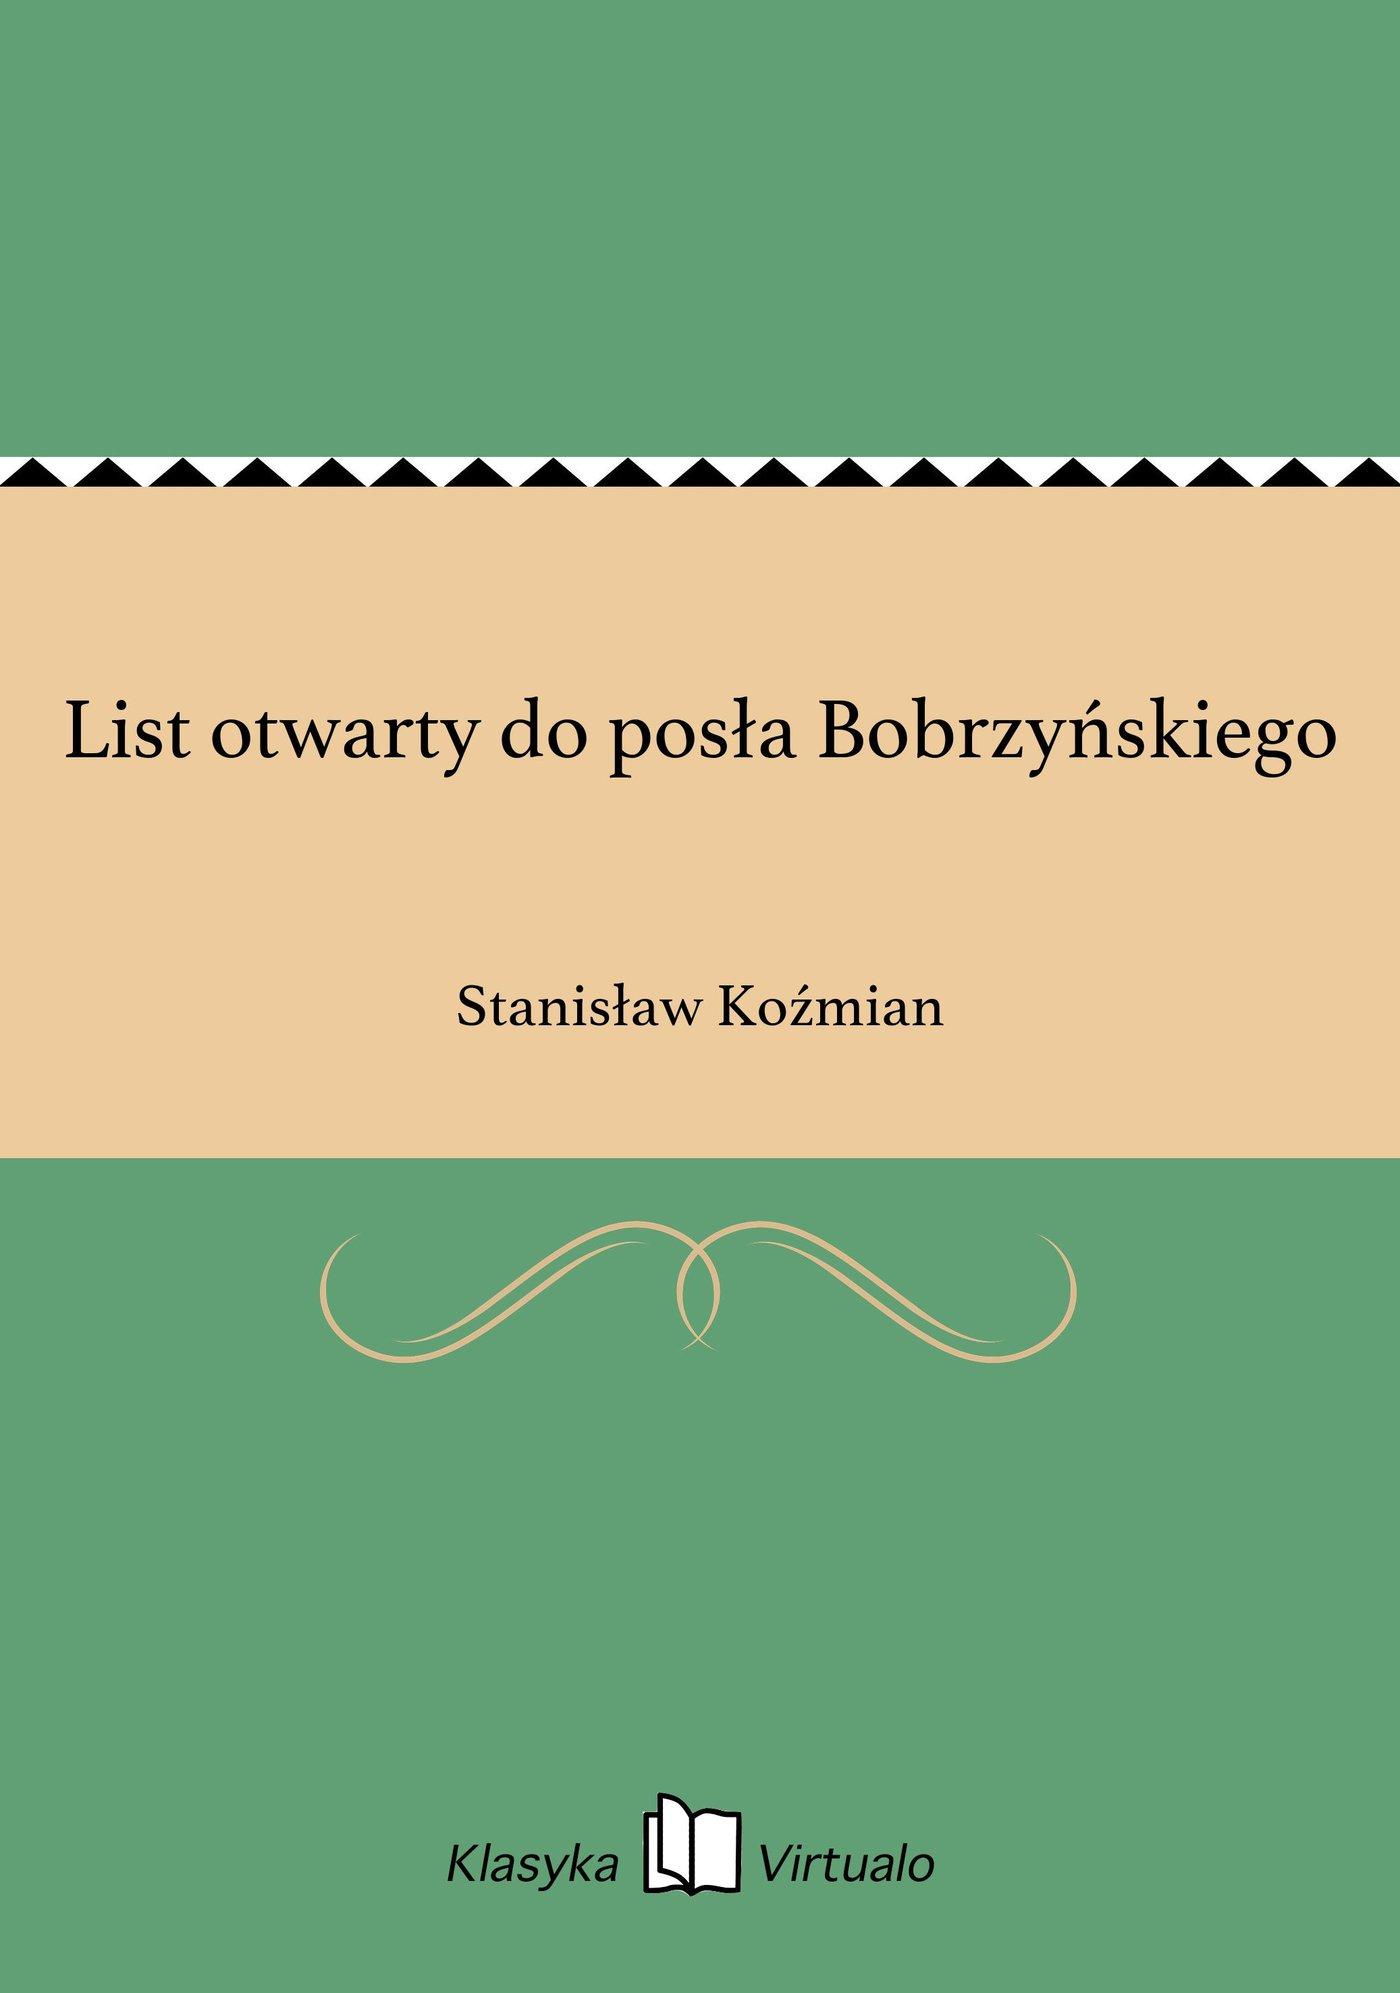 List otwarty do posła Bobrzyńskiego - Ebook (Książka na Kindle) do pobrania w formacie MOBI